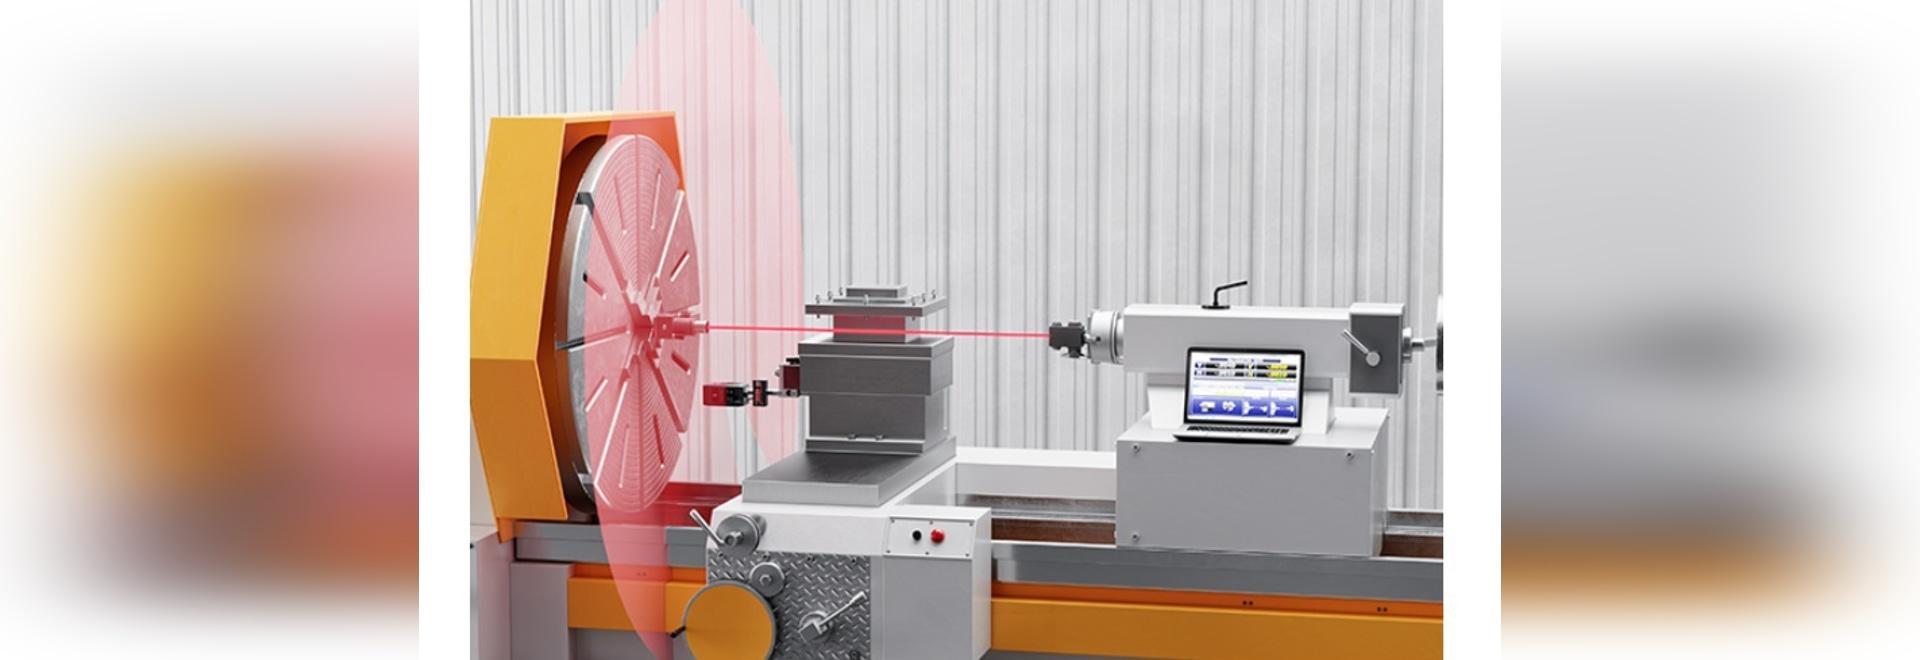 Los lasers comprueban y ajustan la alineación de la máquina